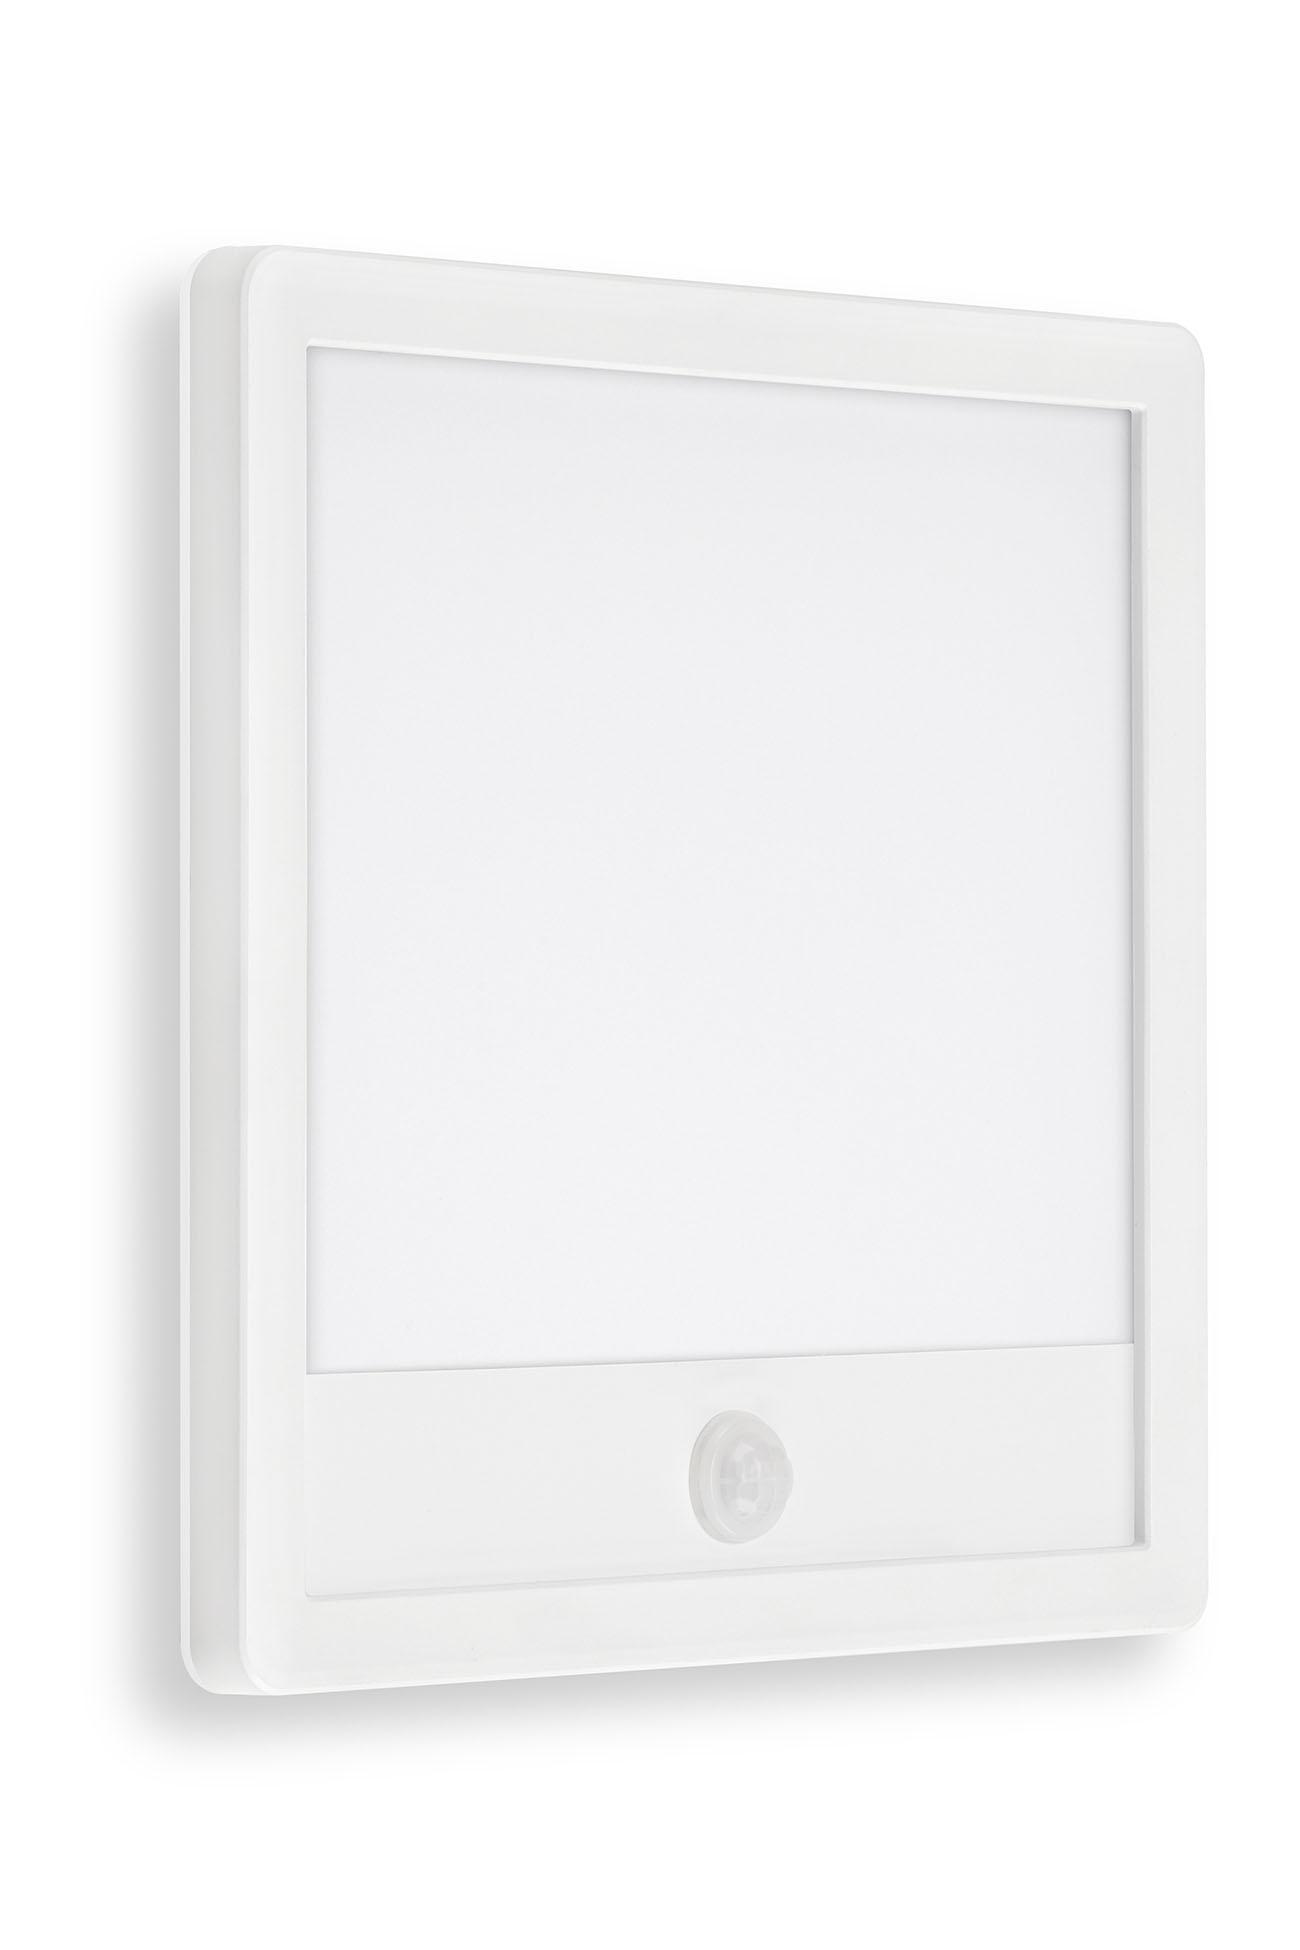 TELEFUNKEN LED Aussenwandleuchte, 25 cm, 15 W, Weiss